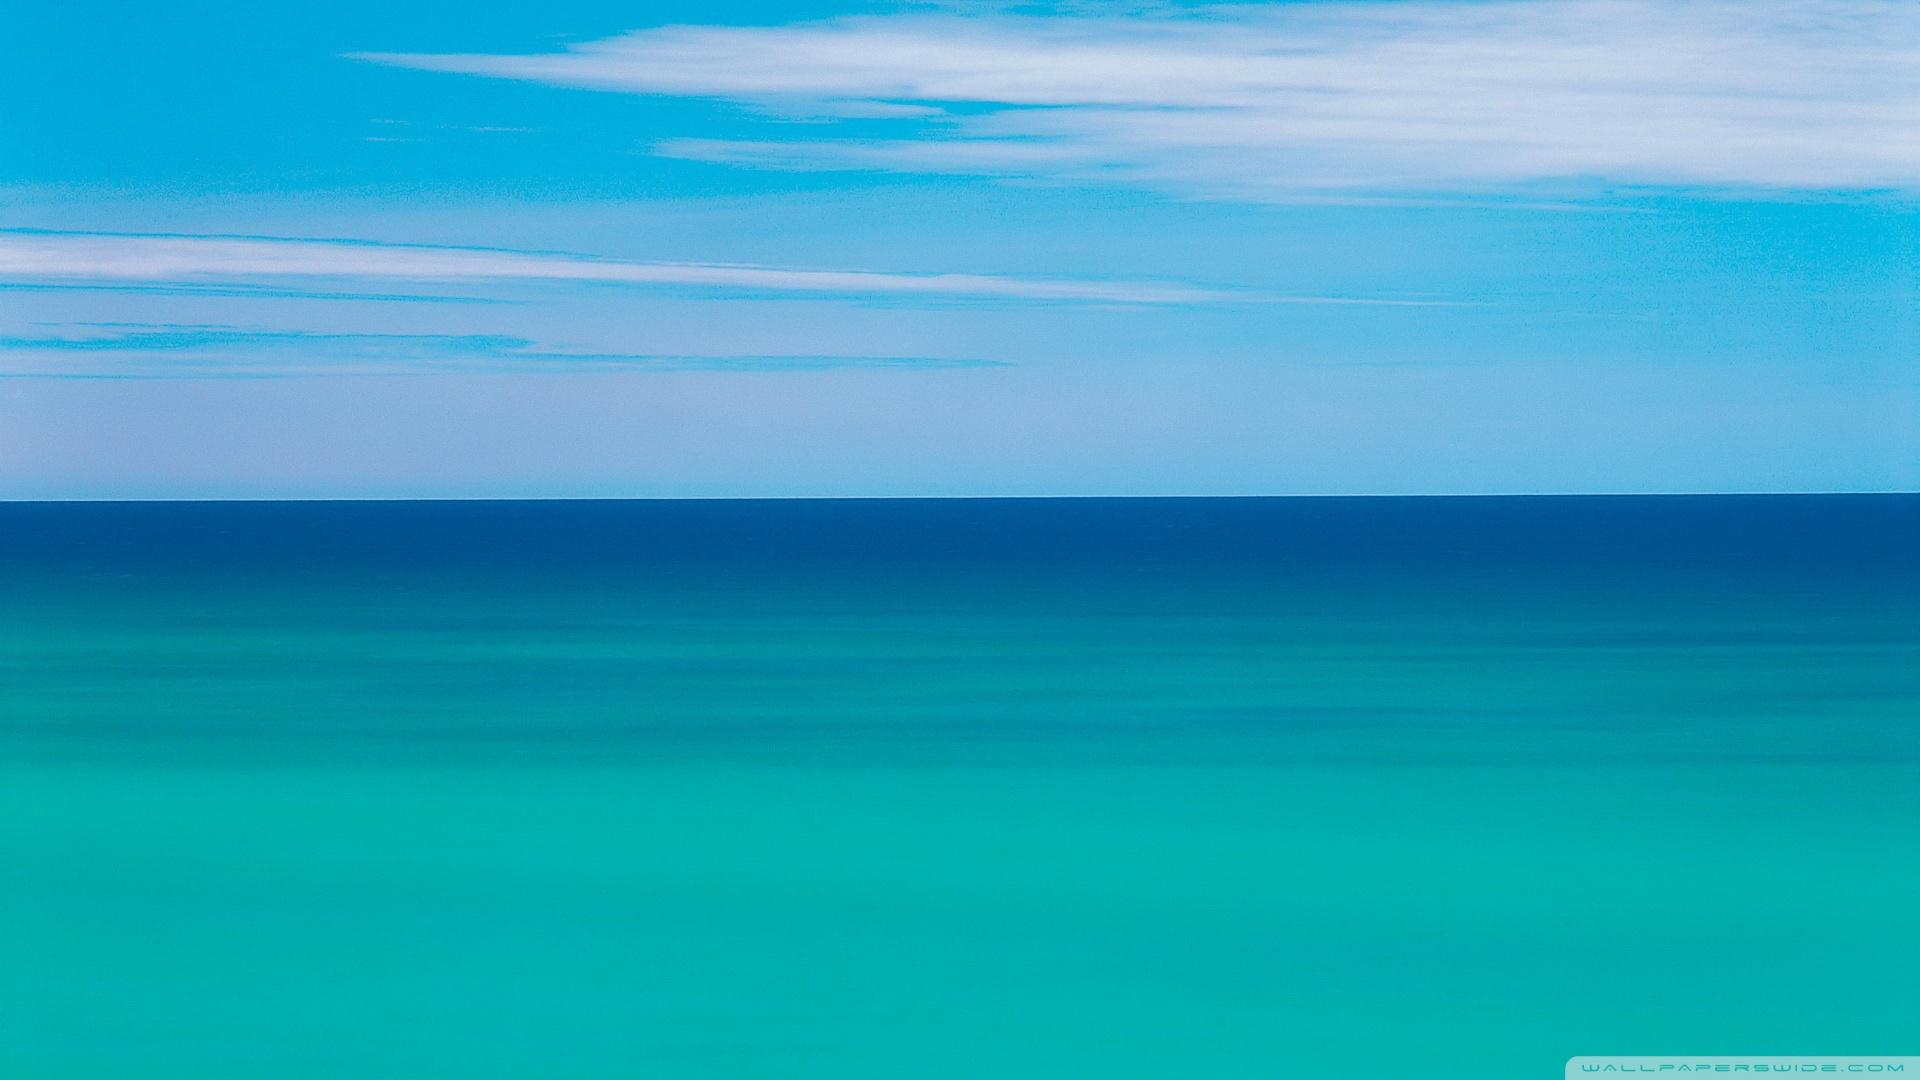 Download The Ocean Wallpaper 1920x1080 Wallpoper 450719 1920x1080